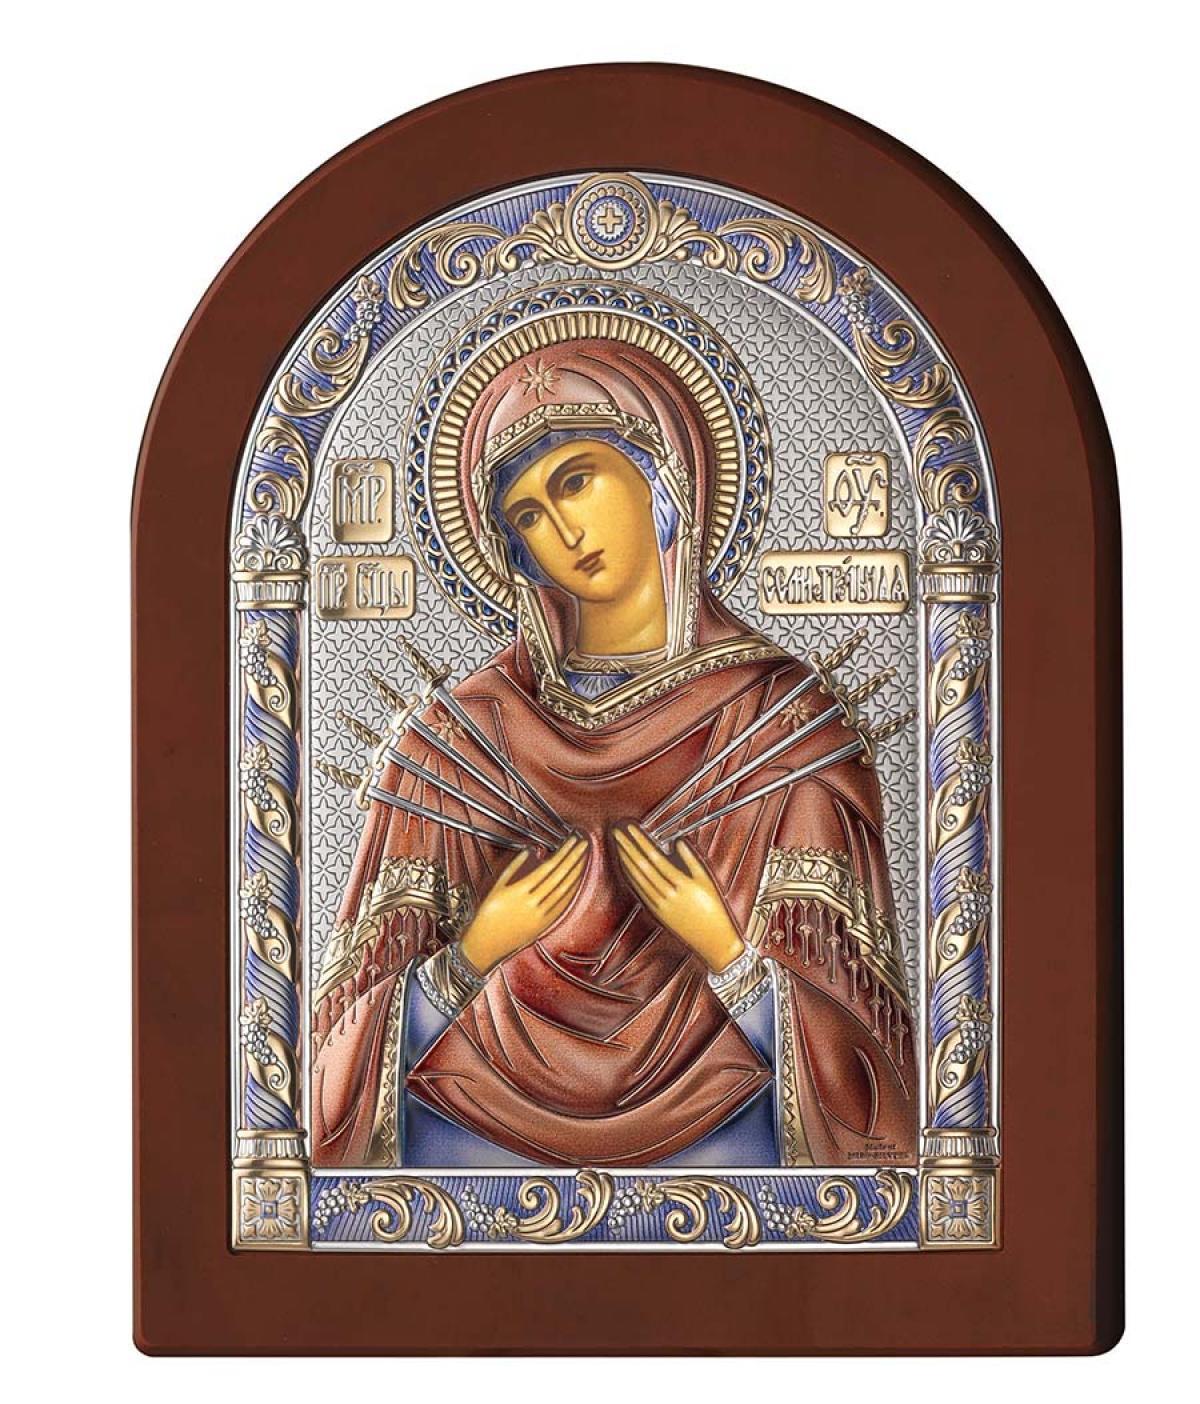 Ікона срібна Богородиця Семистрільна 17х22см 84122.5LCOL